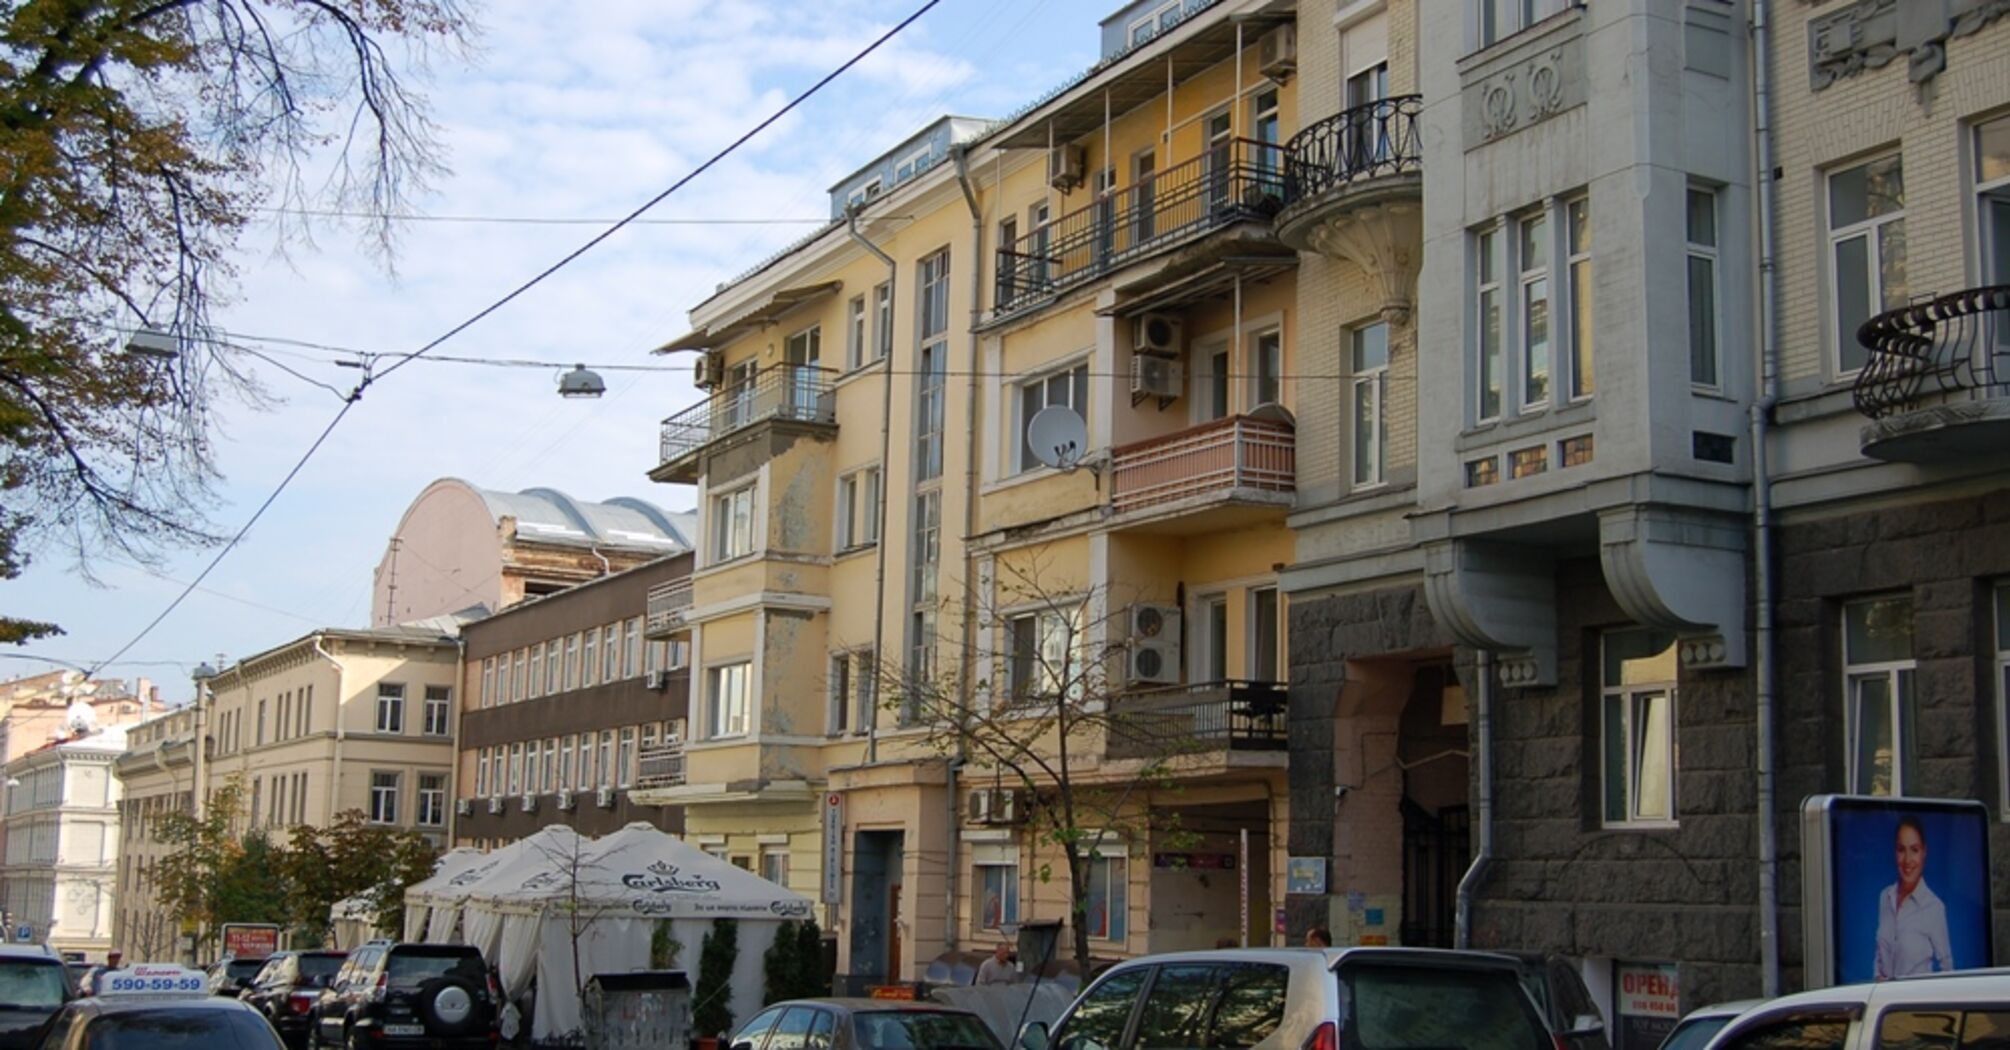 24 будинки в Києві пропонують визнати об'єктами культурної спадщини